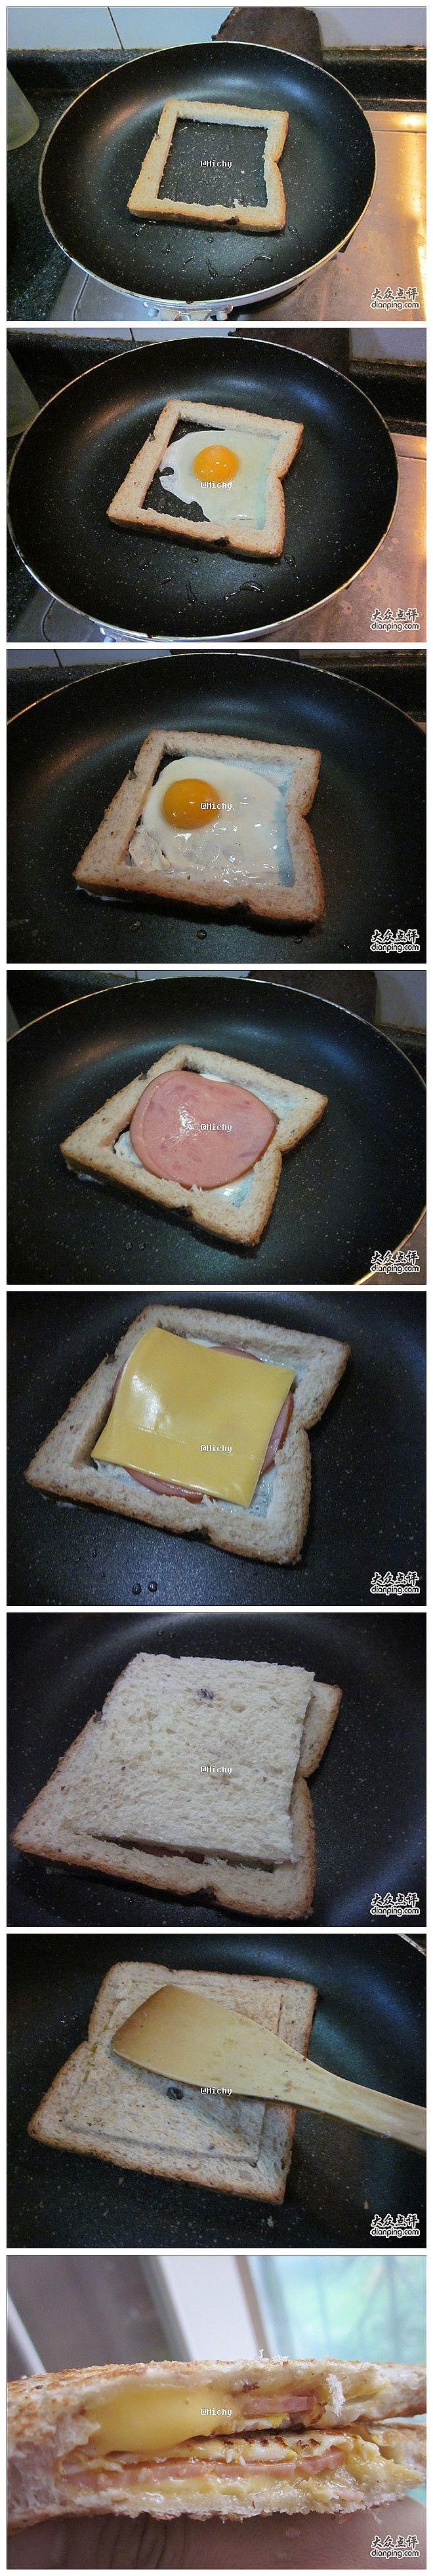 Pain de mie, œuf, jambon, fromage (image)